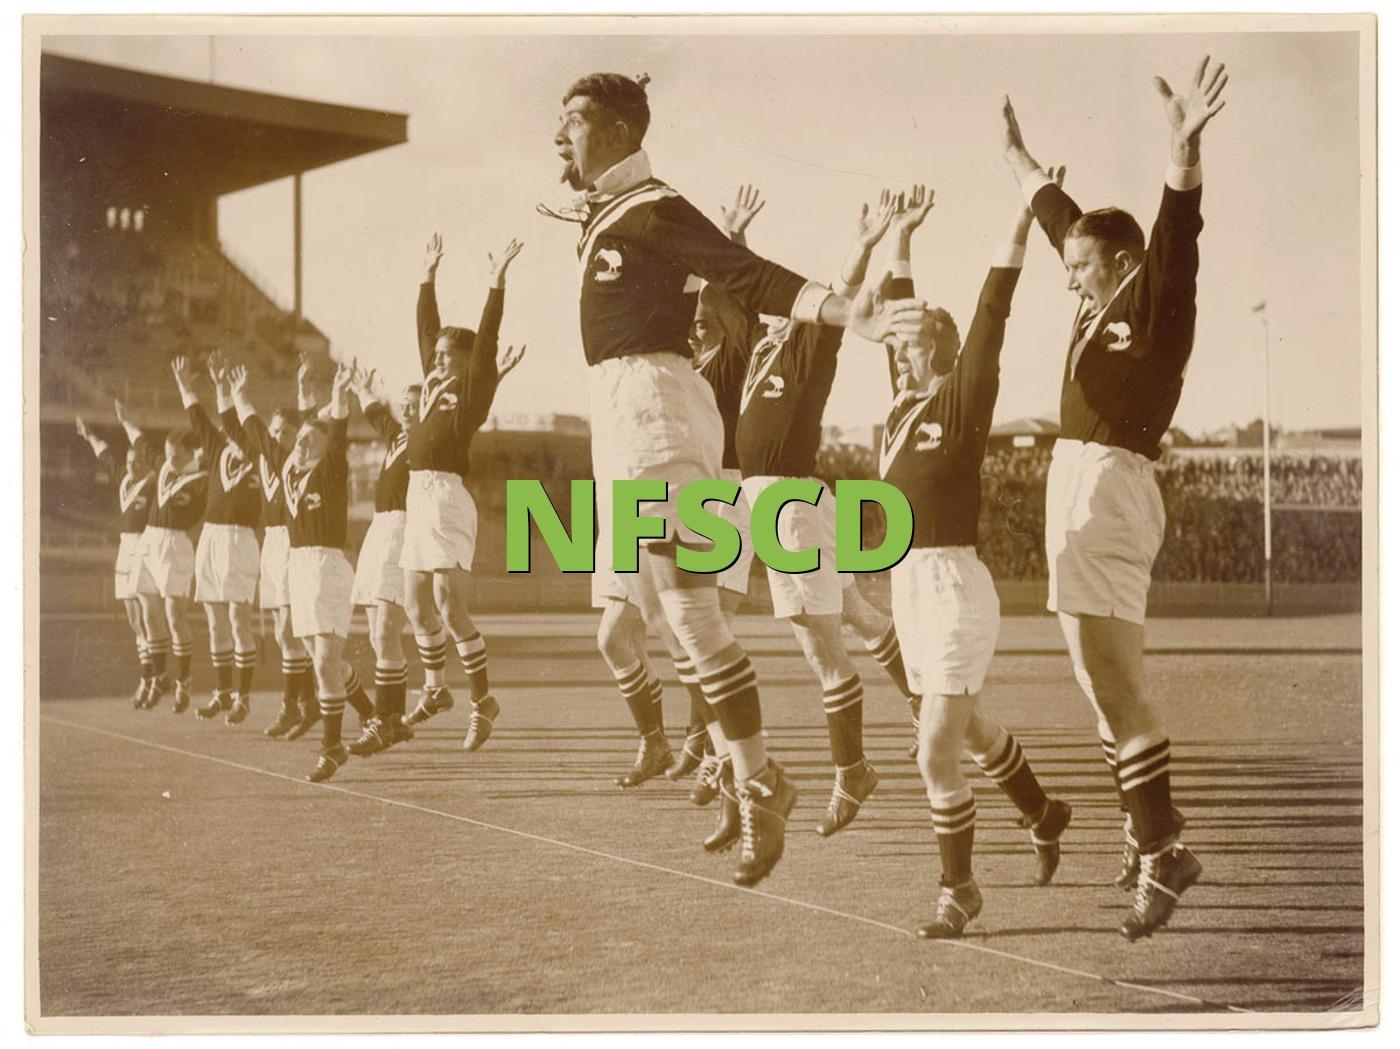 NFSCD